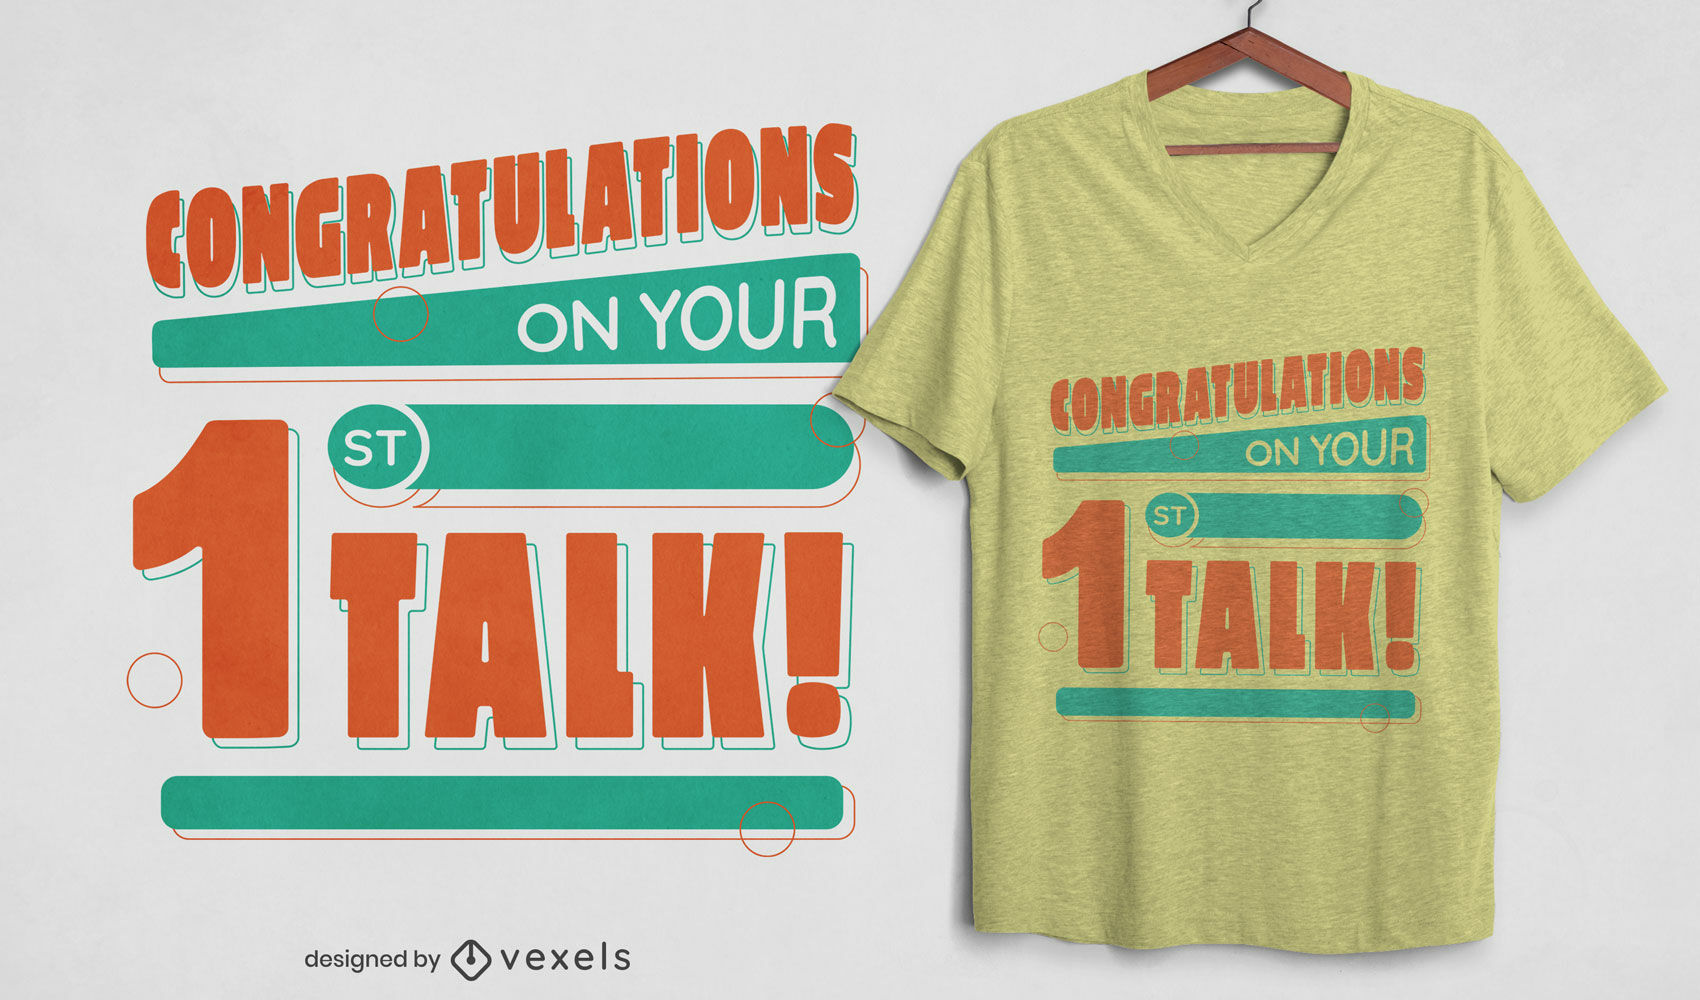 Parab?ns cita??o design de t-shirt